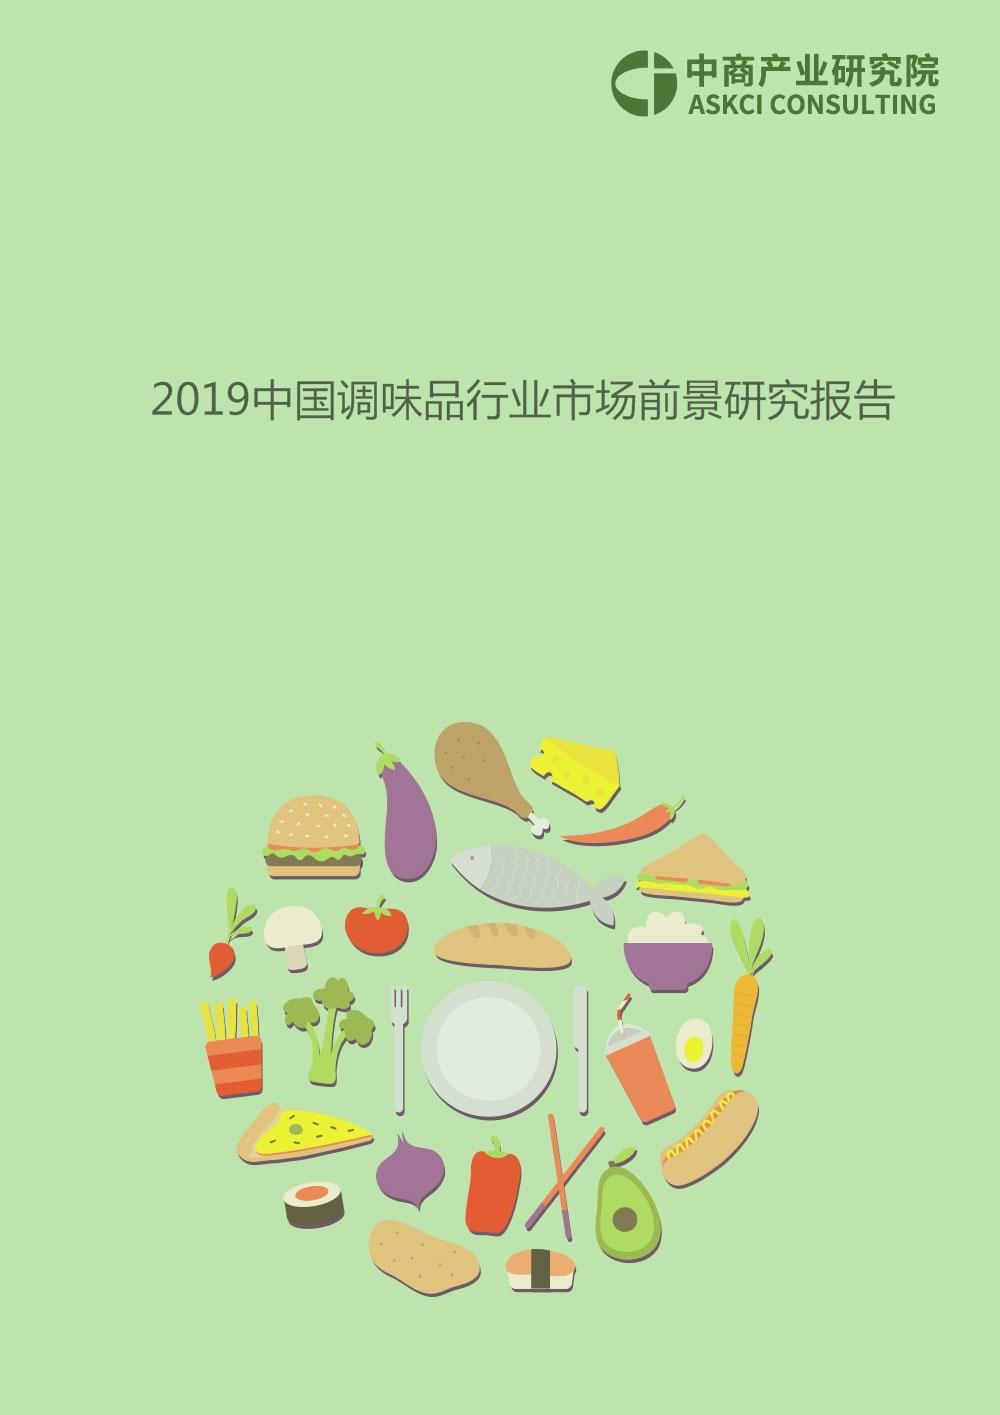 2019年中国调味品行业市场前景研究报告